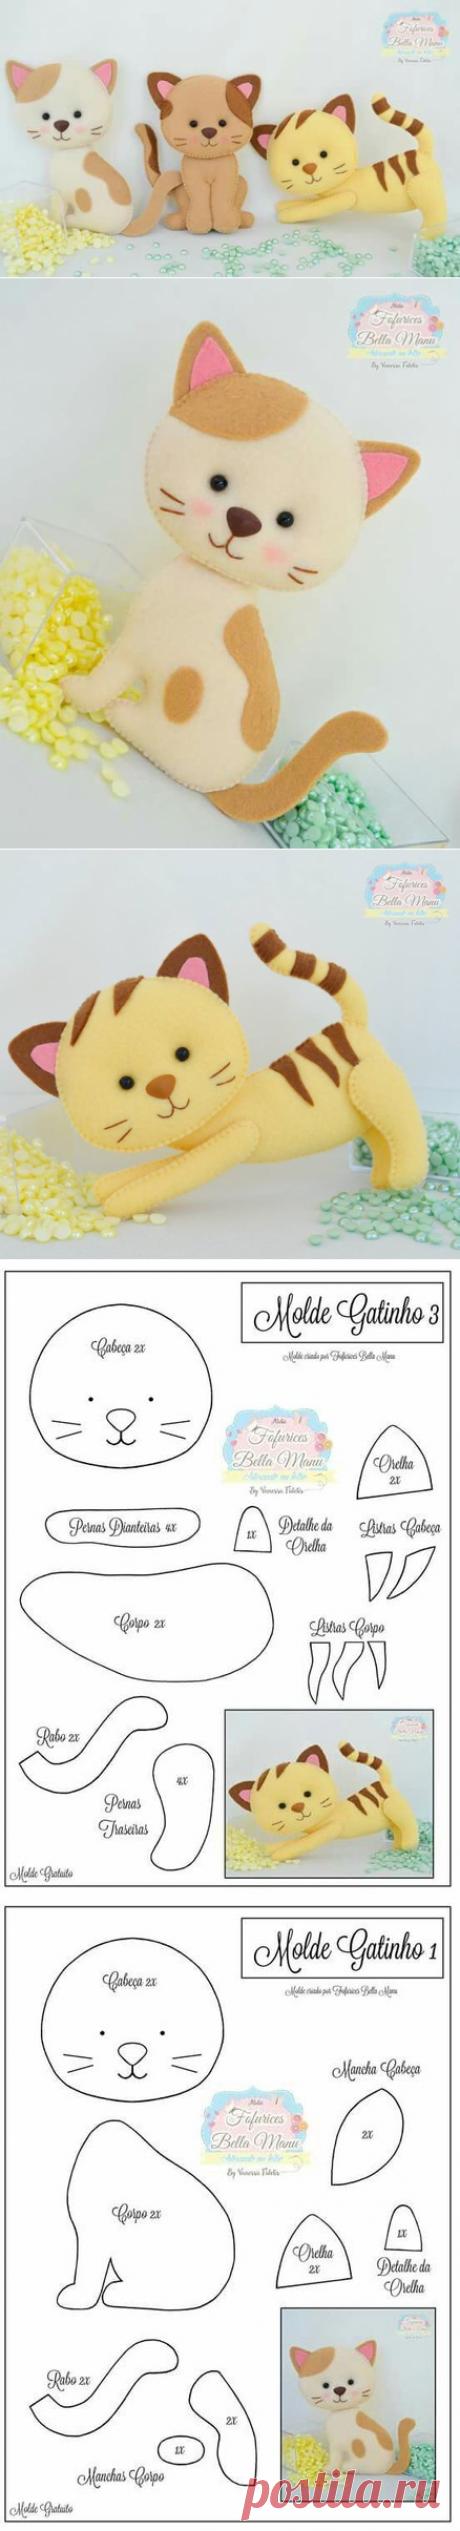 Котята из фетра (Шьем игрушки) | Журнал Вдохновение Рукодельницы